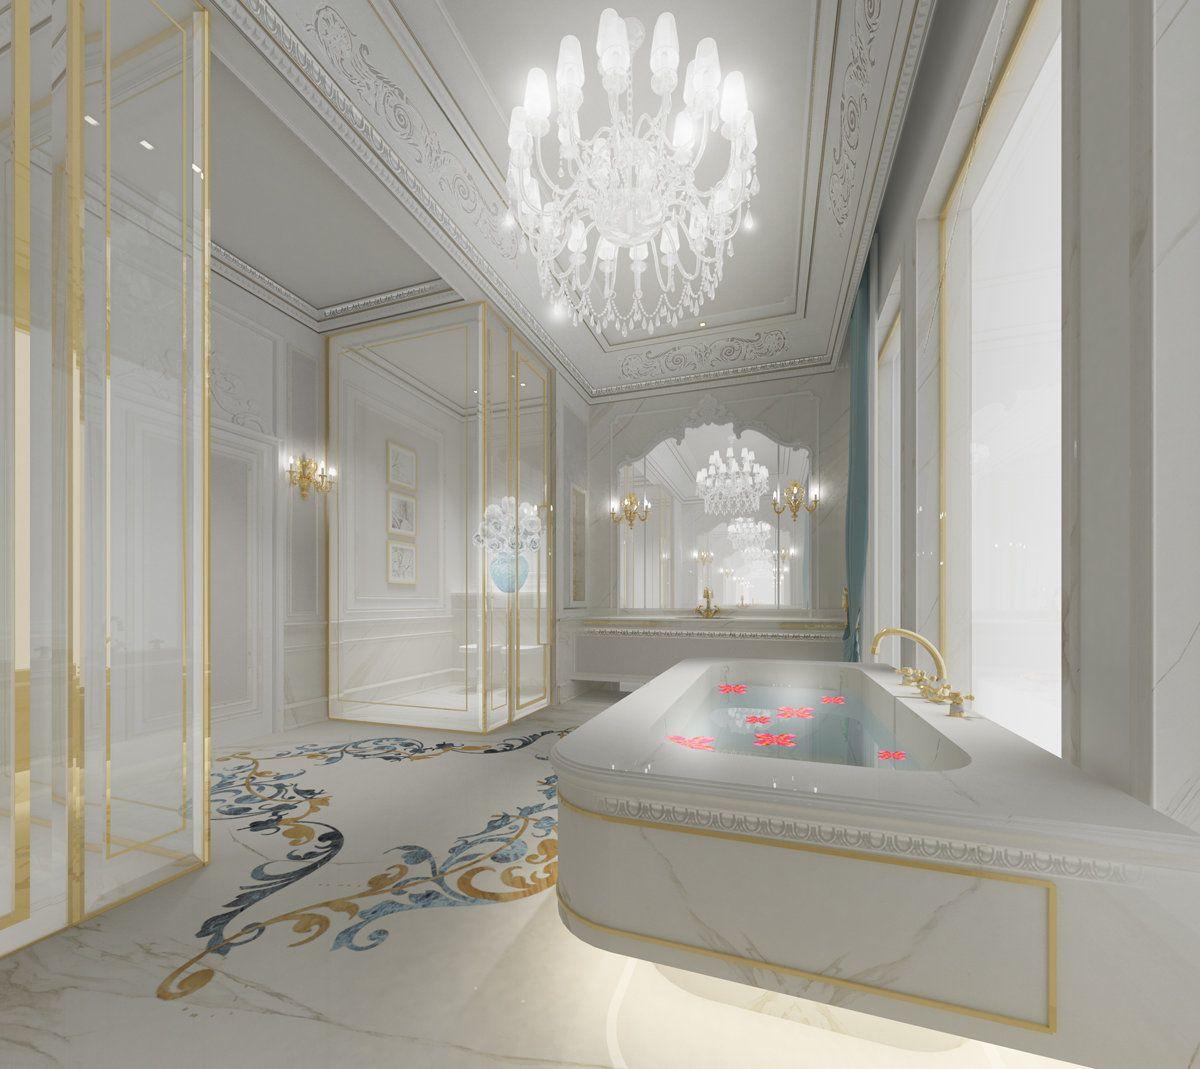 Luxury Interior Design Dubai...IONS One The Leading Interior Design  Companies In Dubai